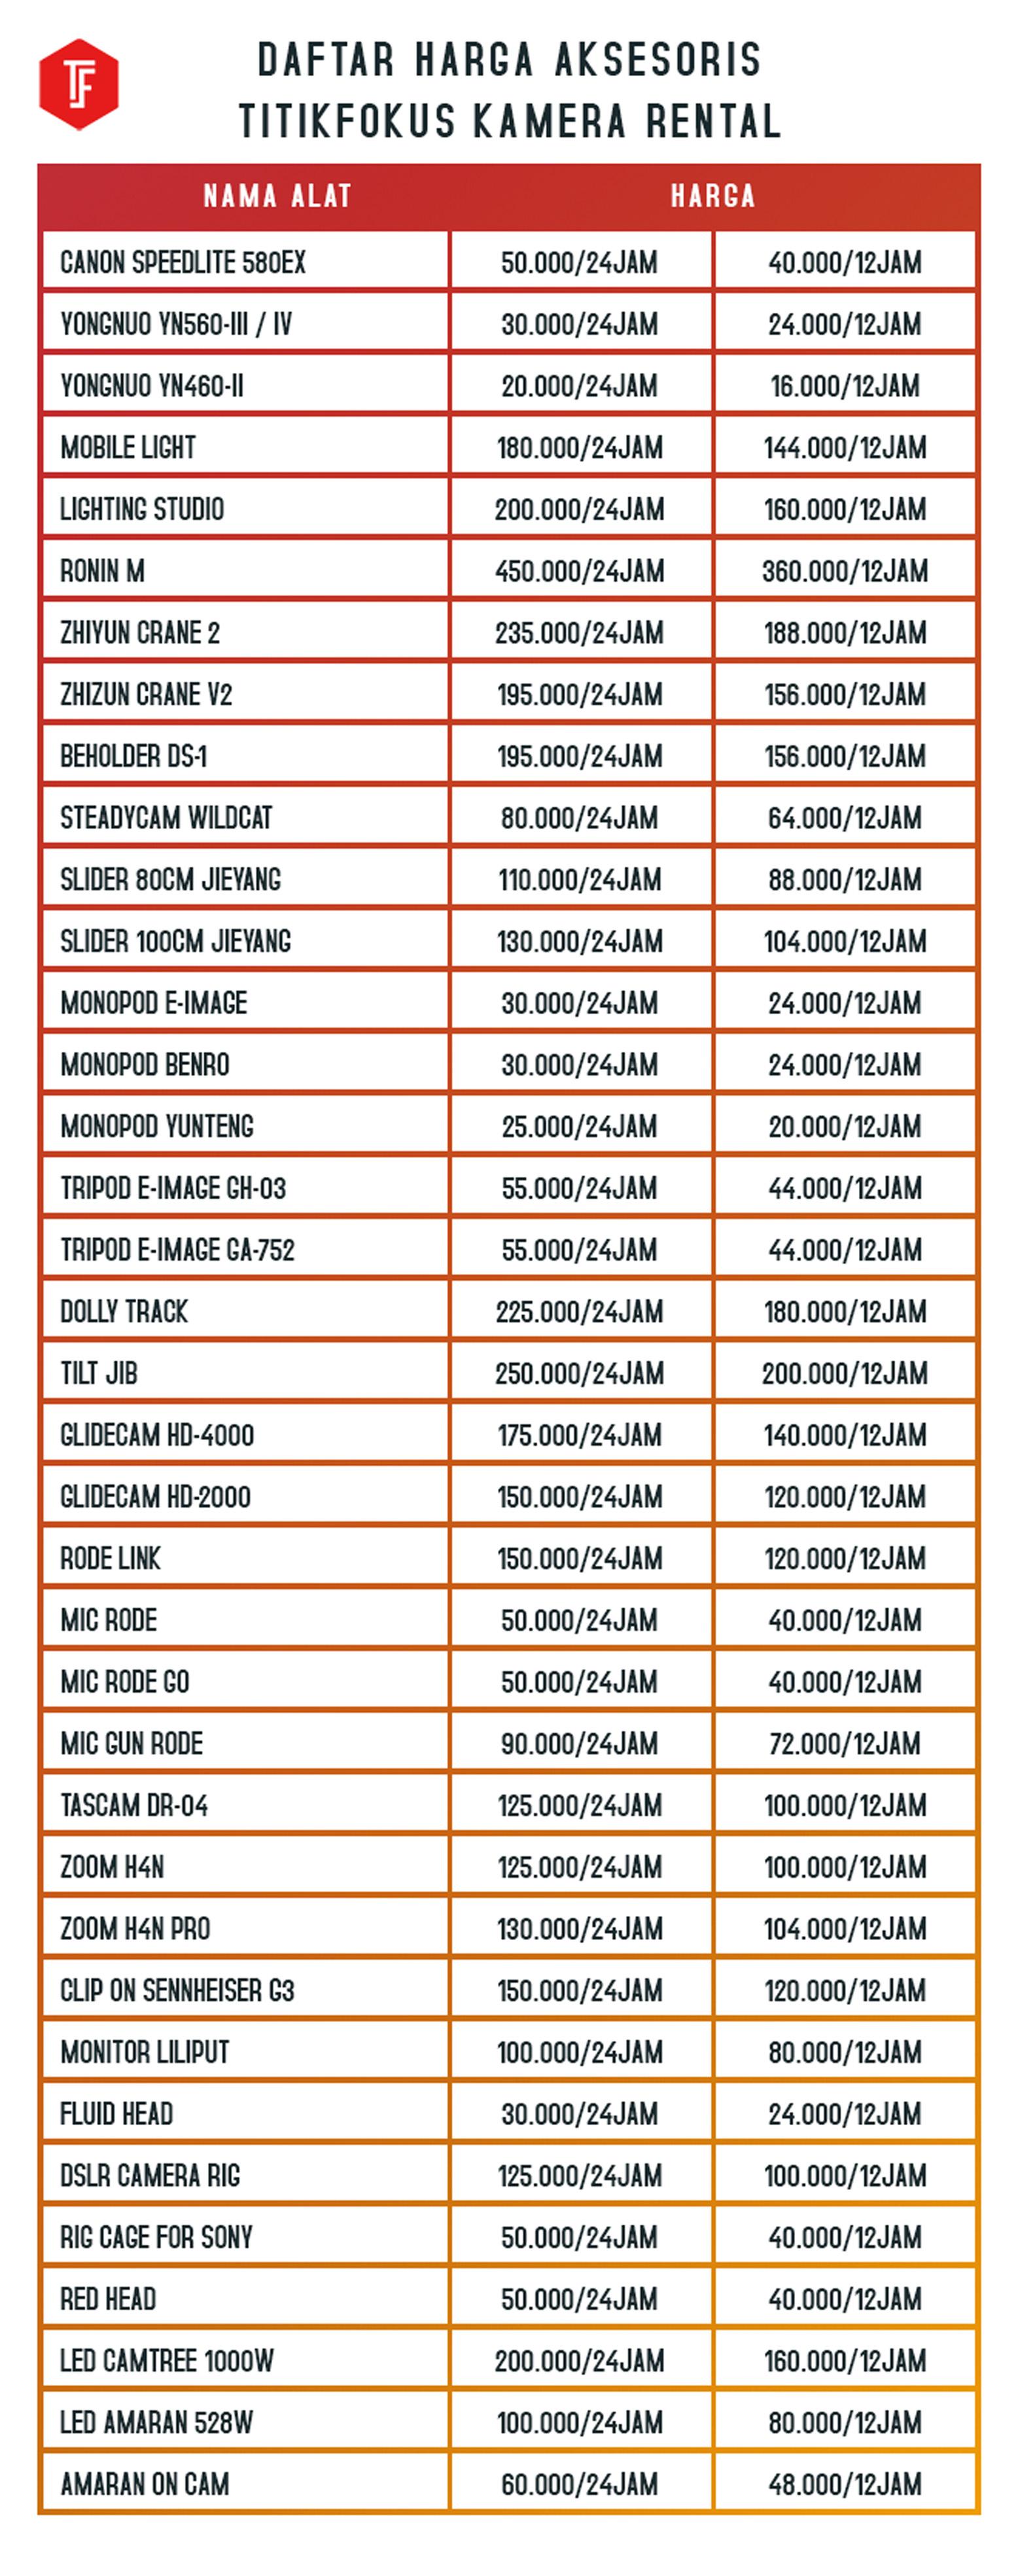 Daftar Harga TF Aksesoris Lampung